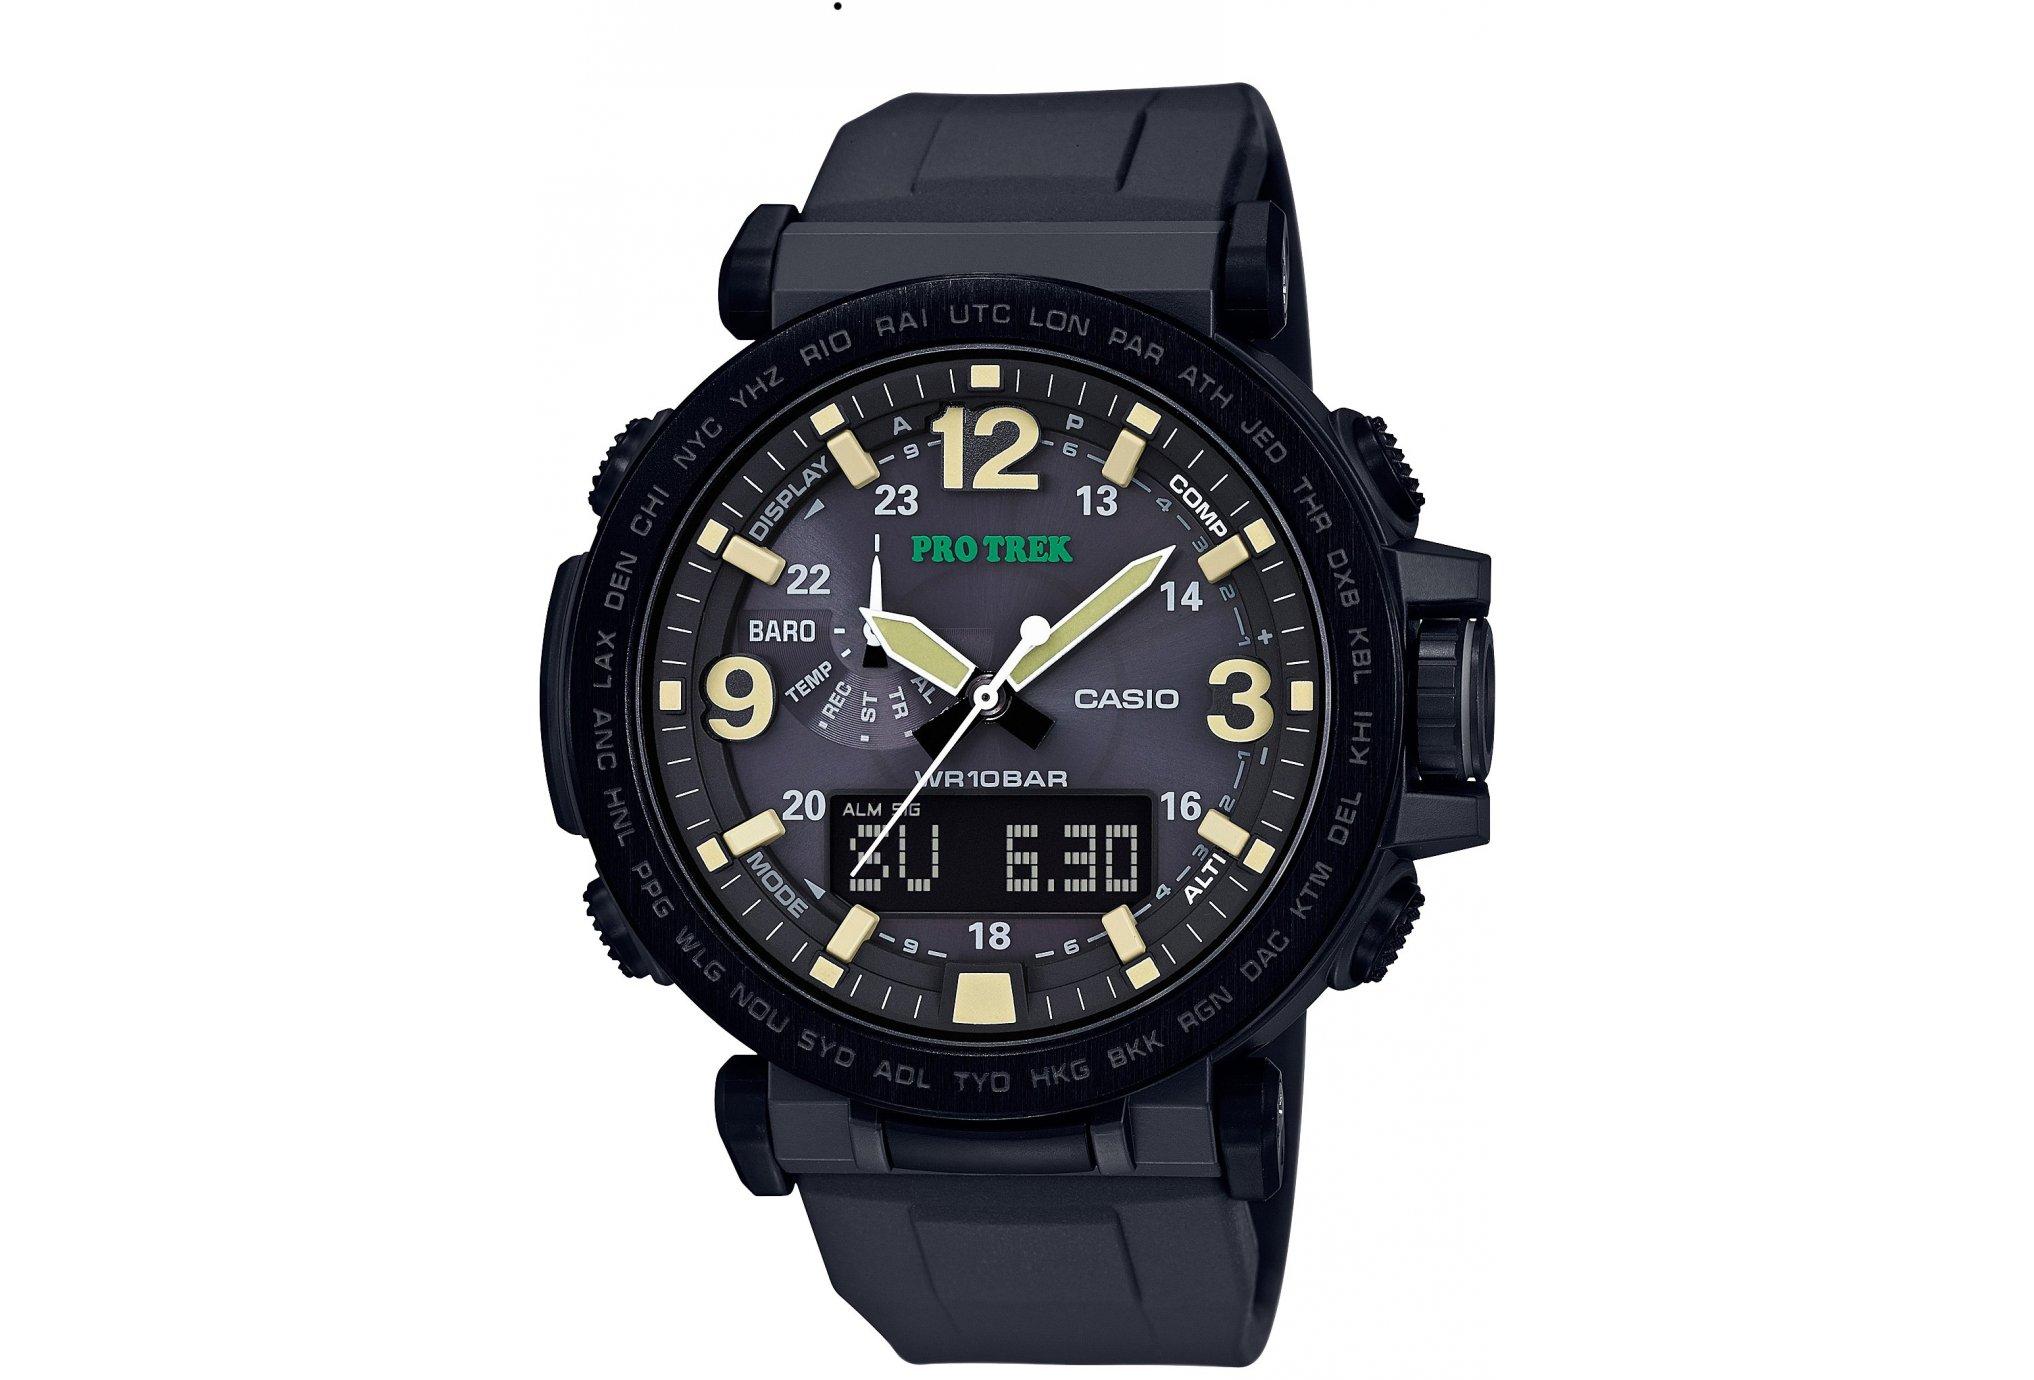 Casio Prg-600y montres de sport